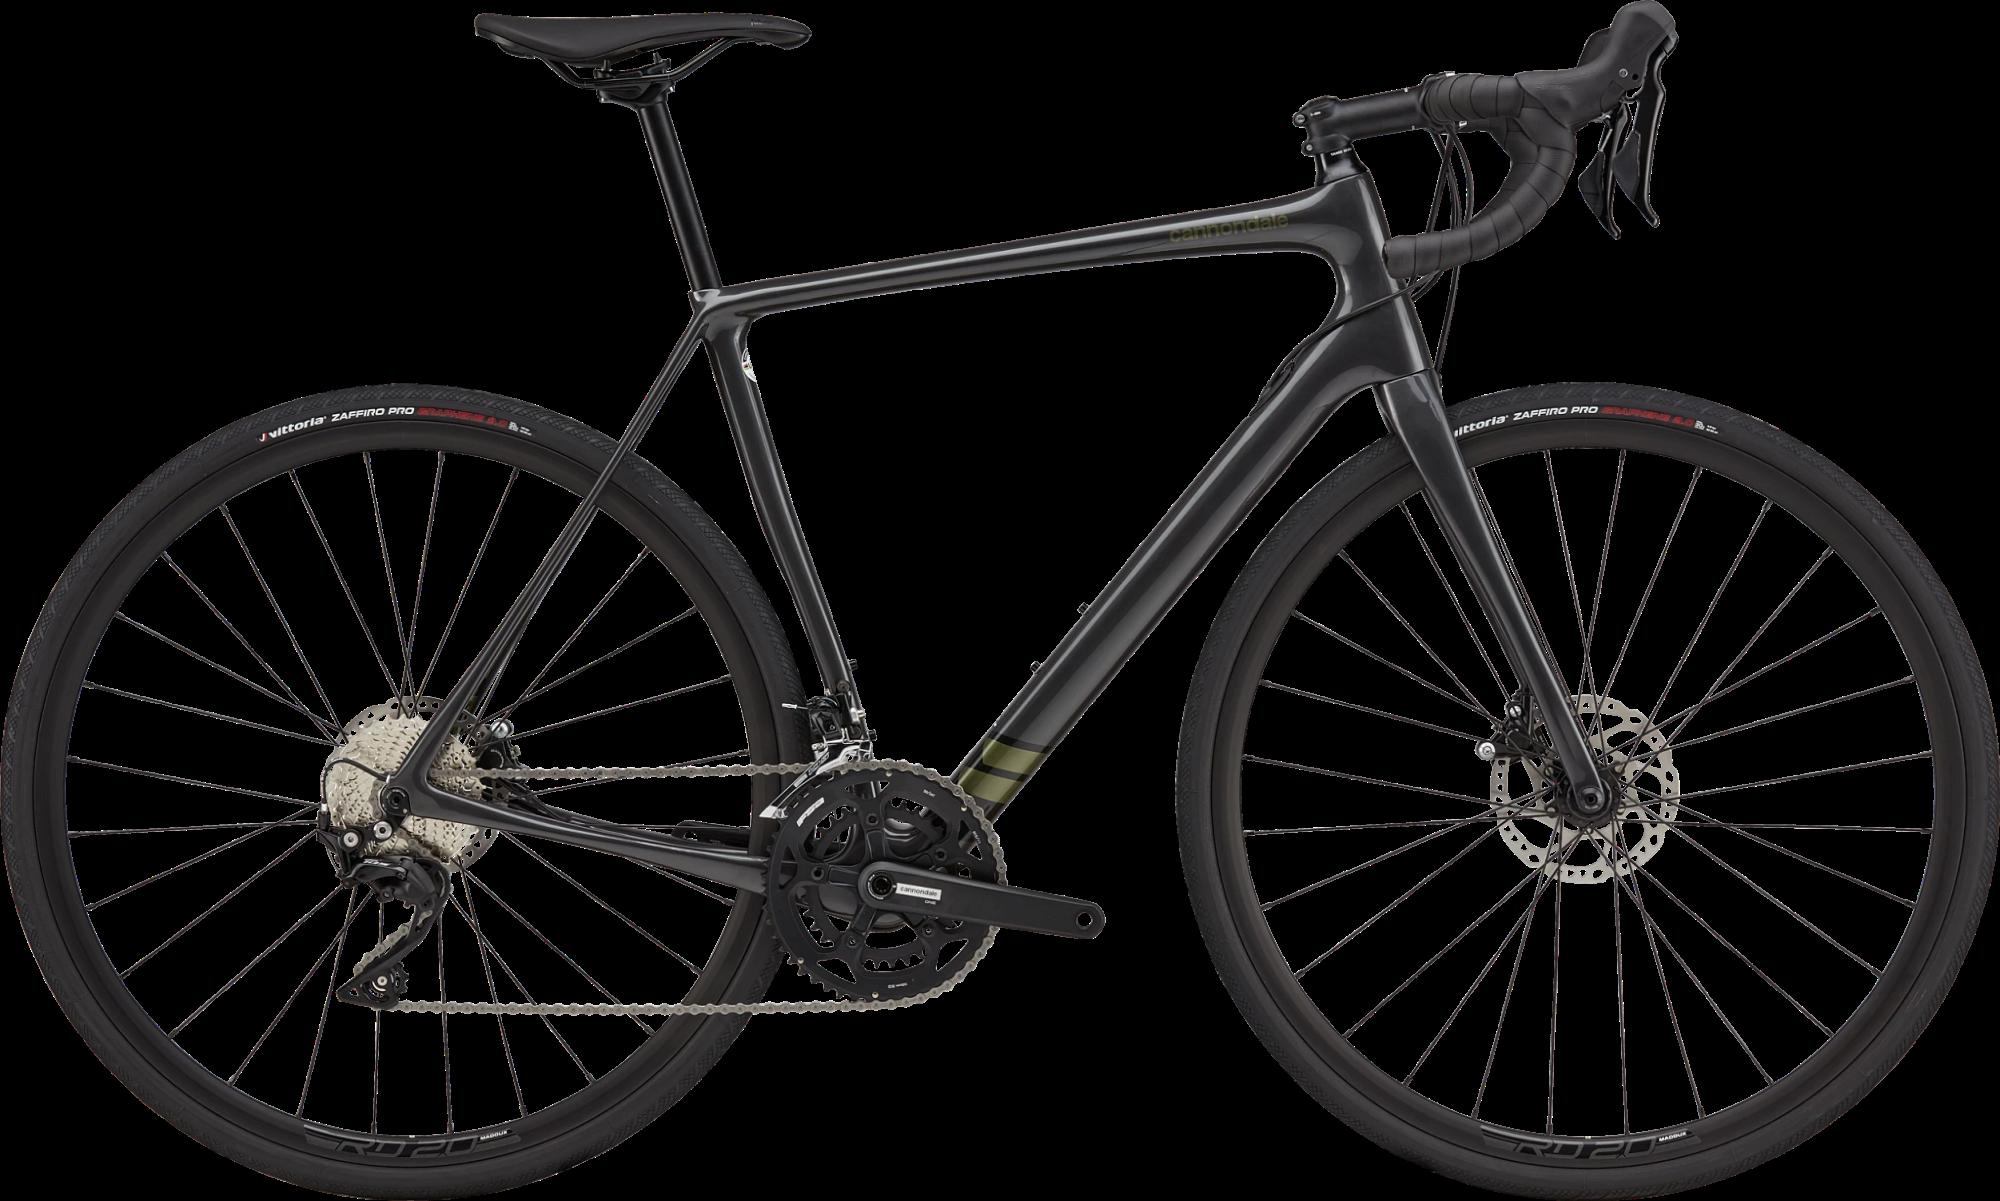 Cannondale Synapse Carbon 105 Road Bike 2021 Mantis